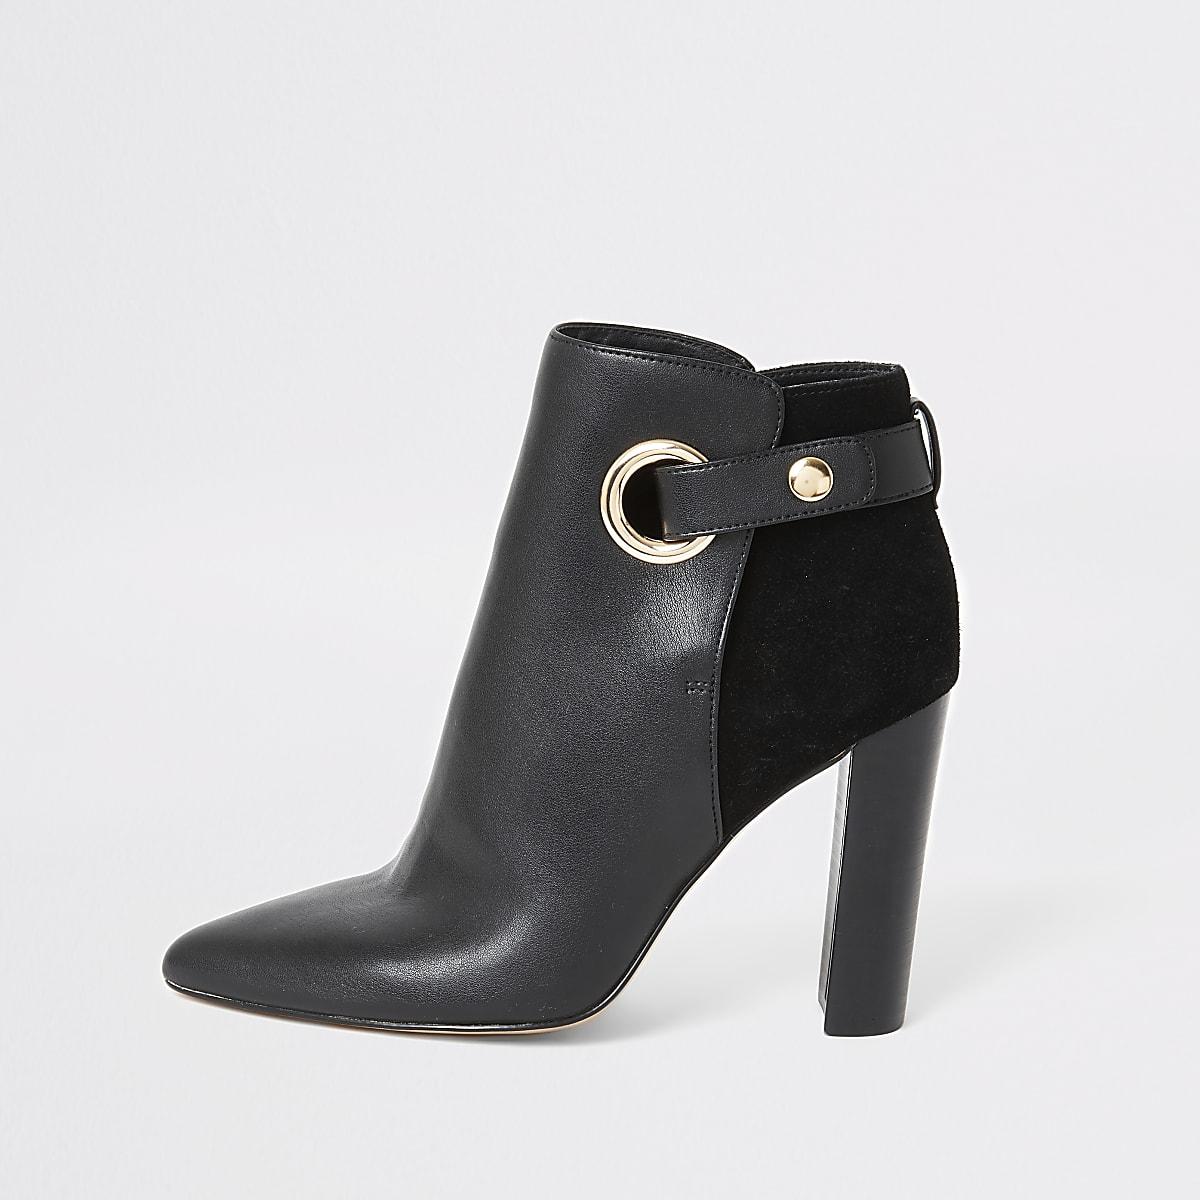 Zwarte spitse laarzen met wijde pasvorm